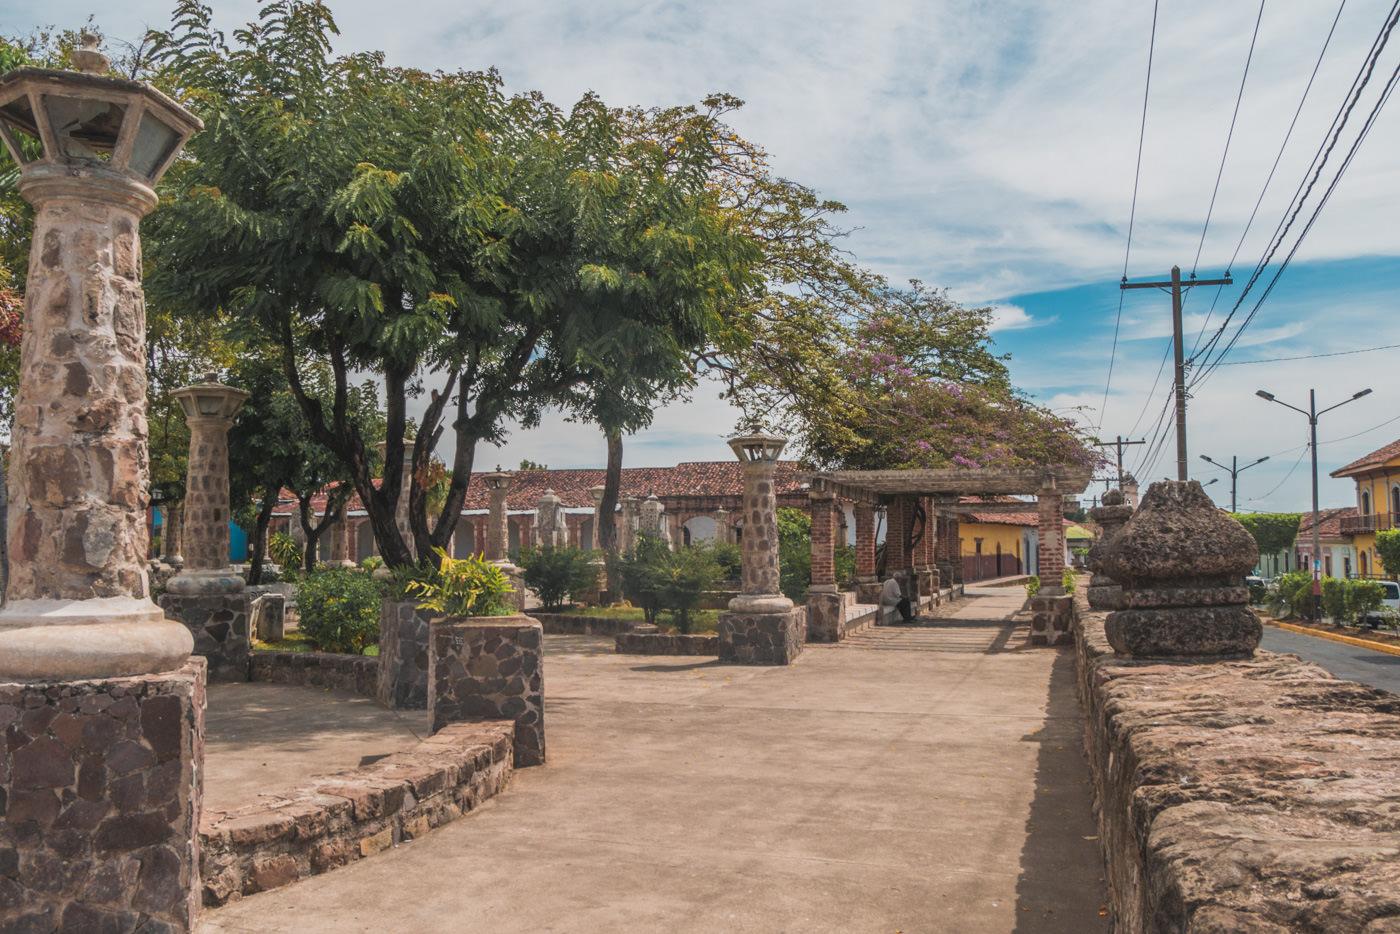 Parque Xalteva in Granada, Nicaragua